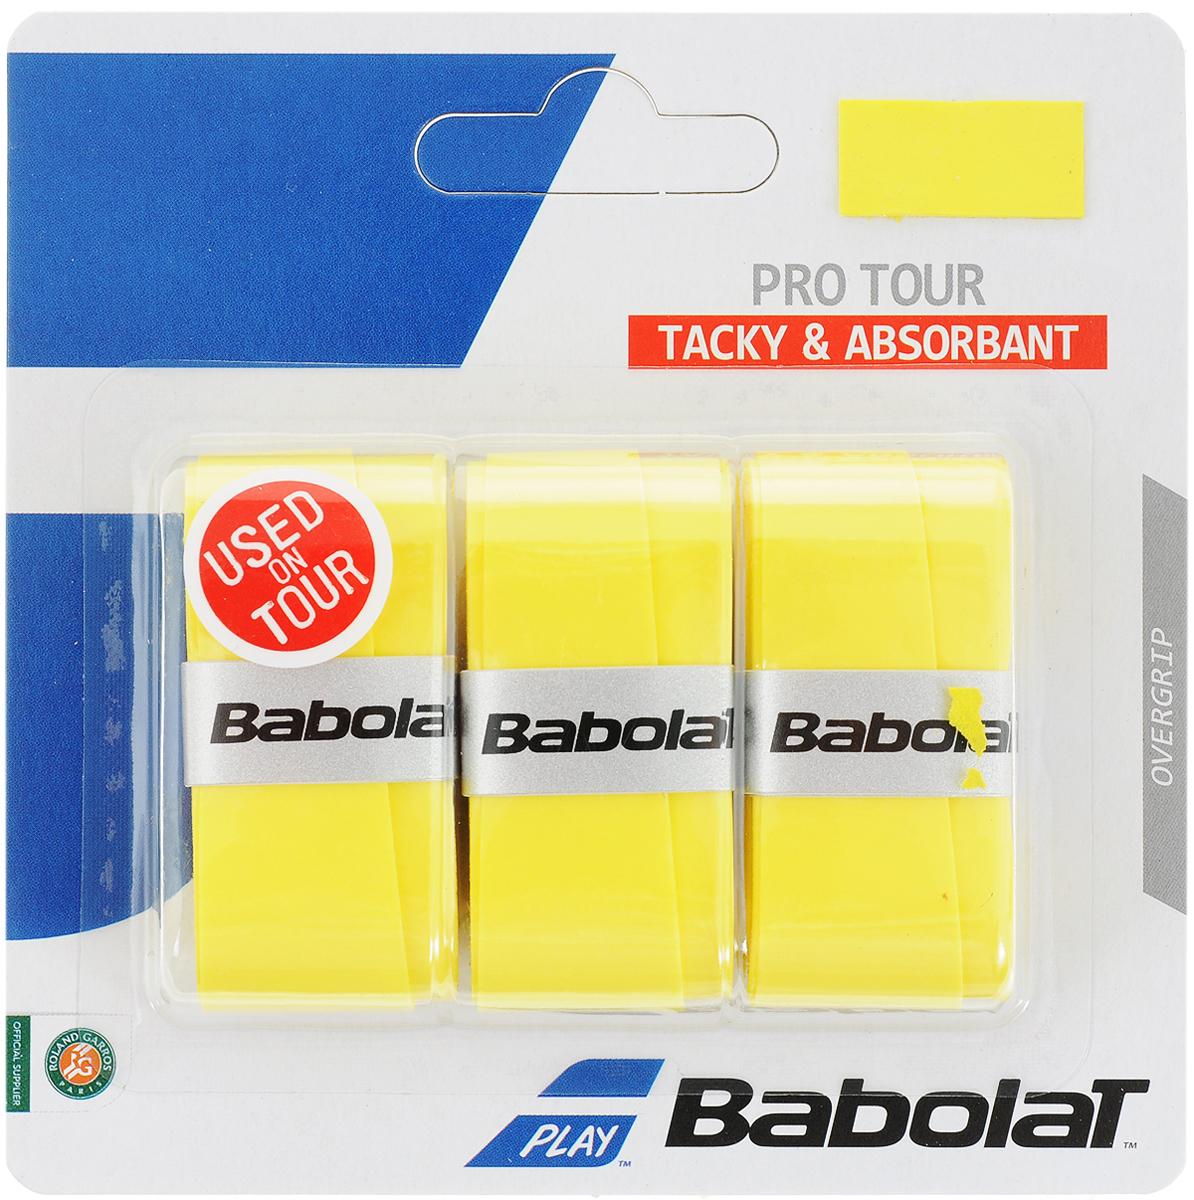 Овергрип BABOLAT PRO TOUR X3 (Про Тур Овергрип), цвет: желтый653037Овергрип с приятной, липкой на ощупь поверхностью.Отличное влагопоглощение. Очень долговечные, устойчивые к истиранию.1 блистер - 3 овергрипа